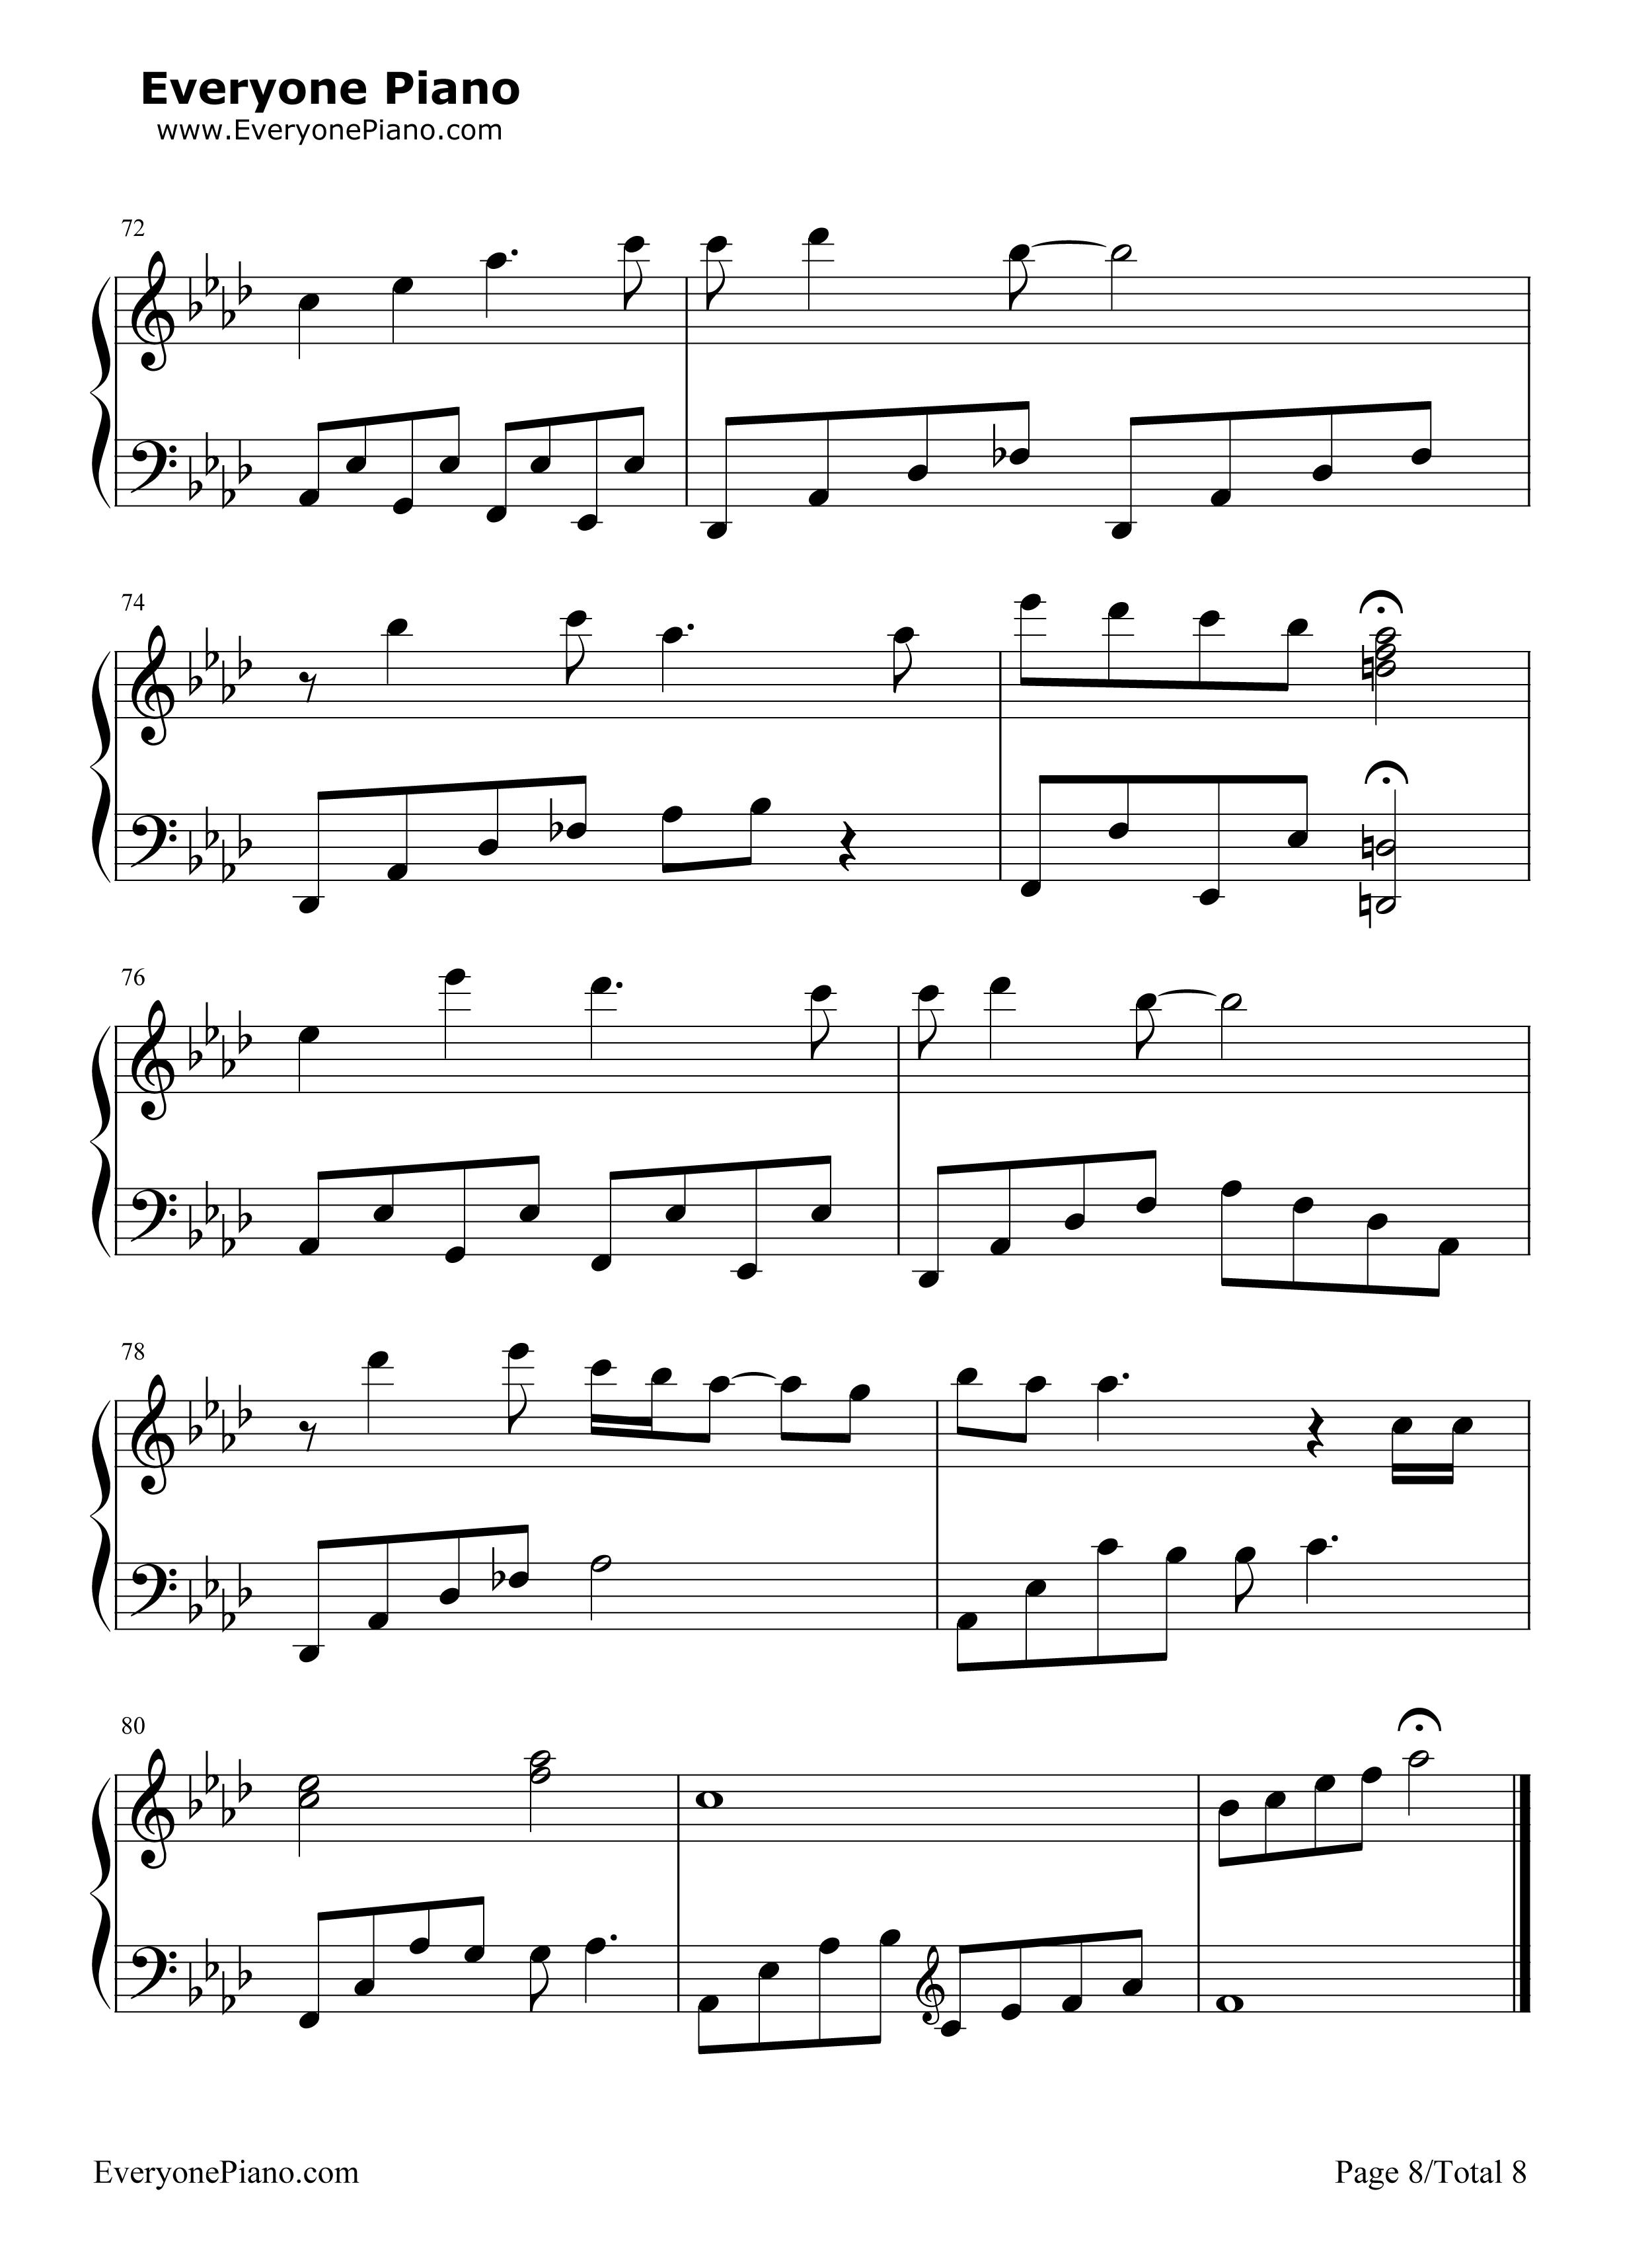 钢琴曲谱 动漫 reflection-卡通片mulan花木兰主题曲 reflection-卡